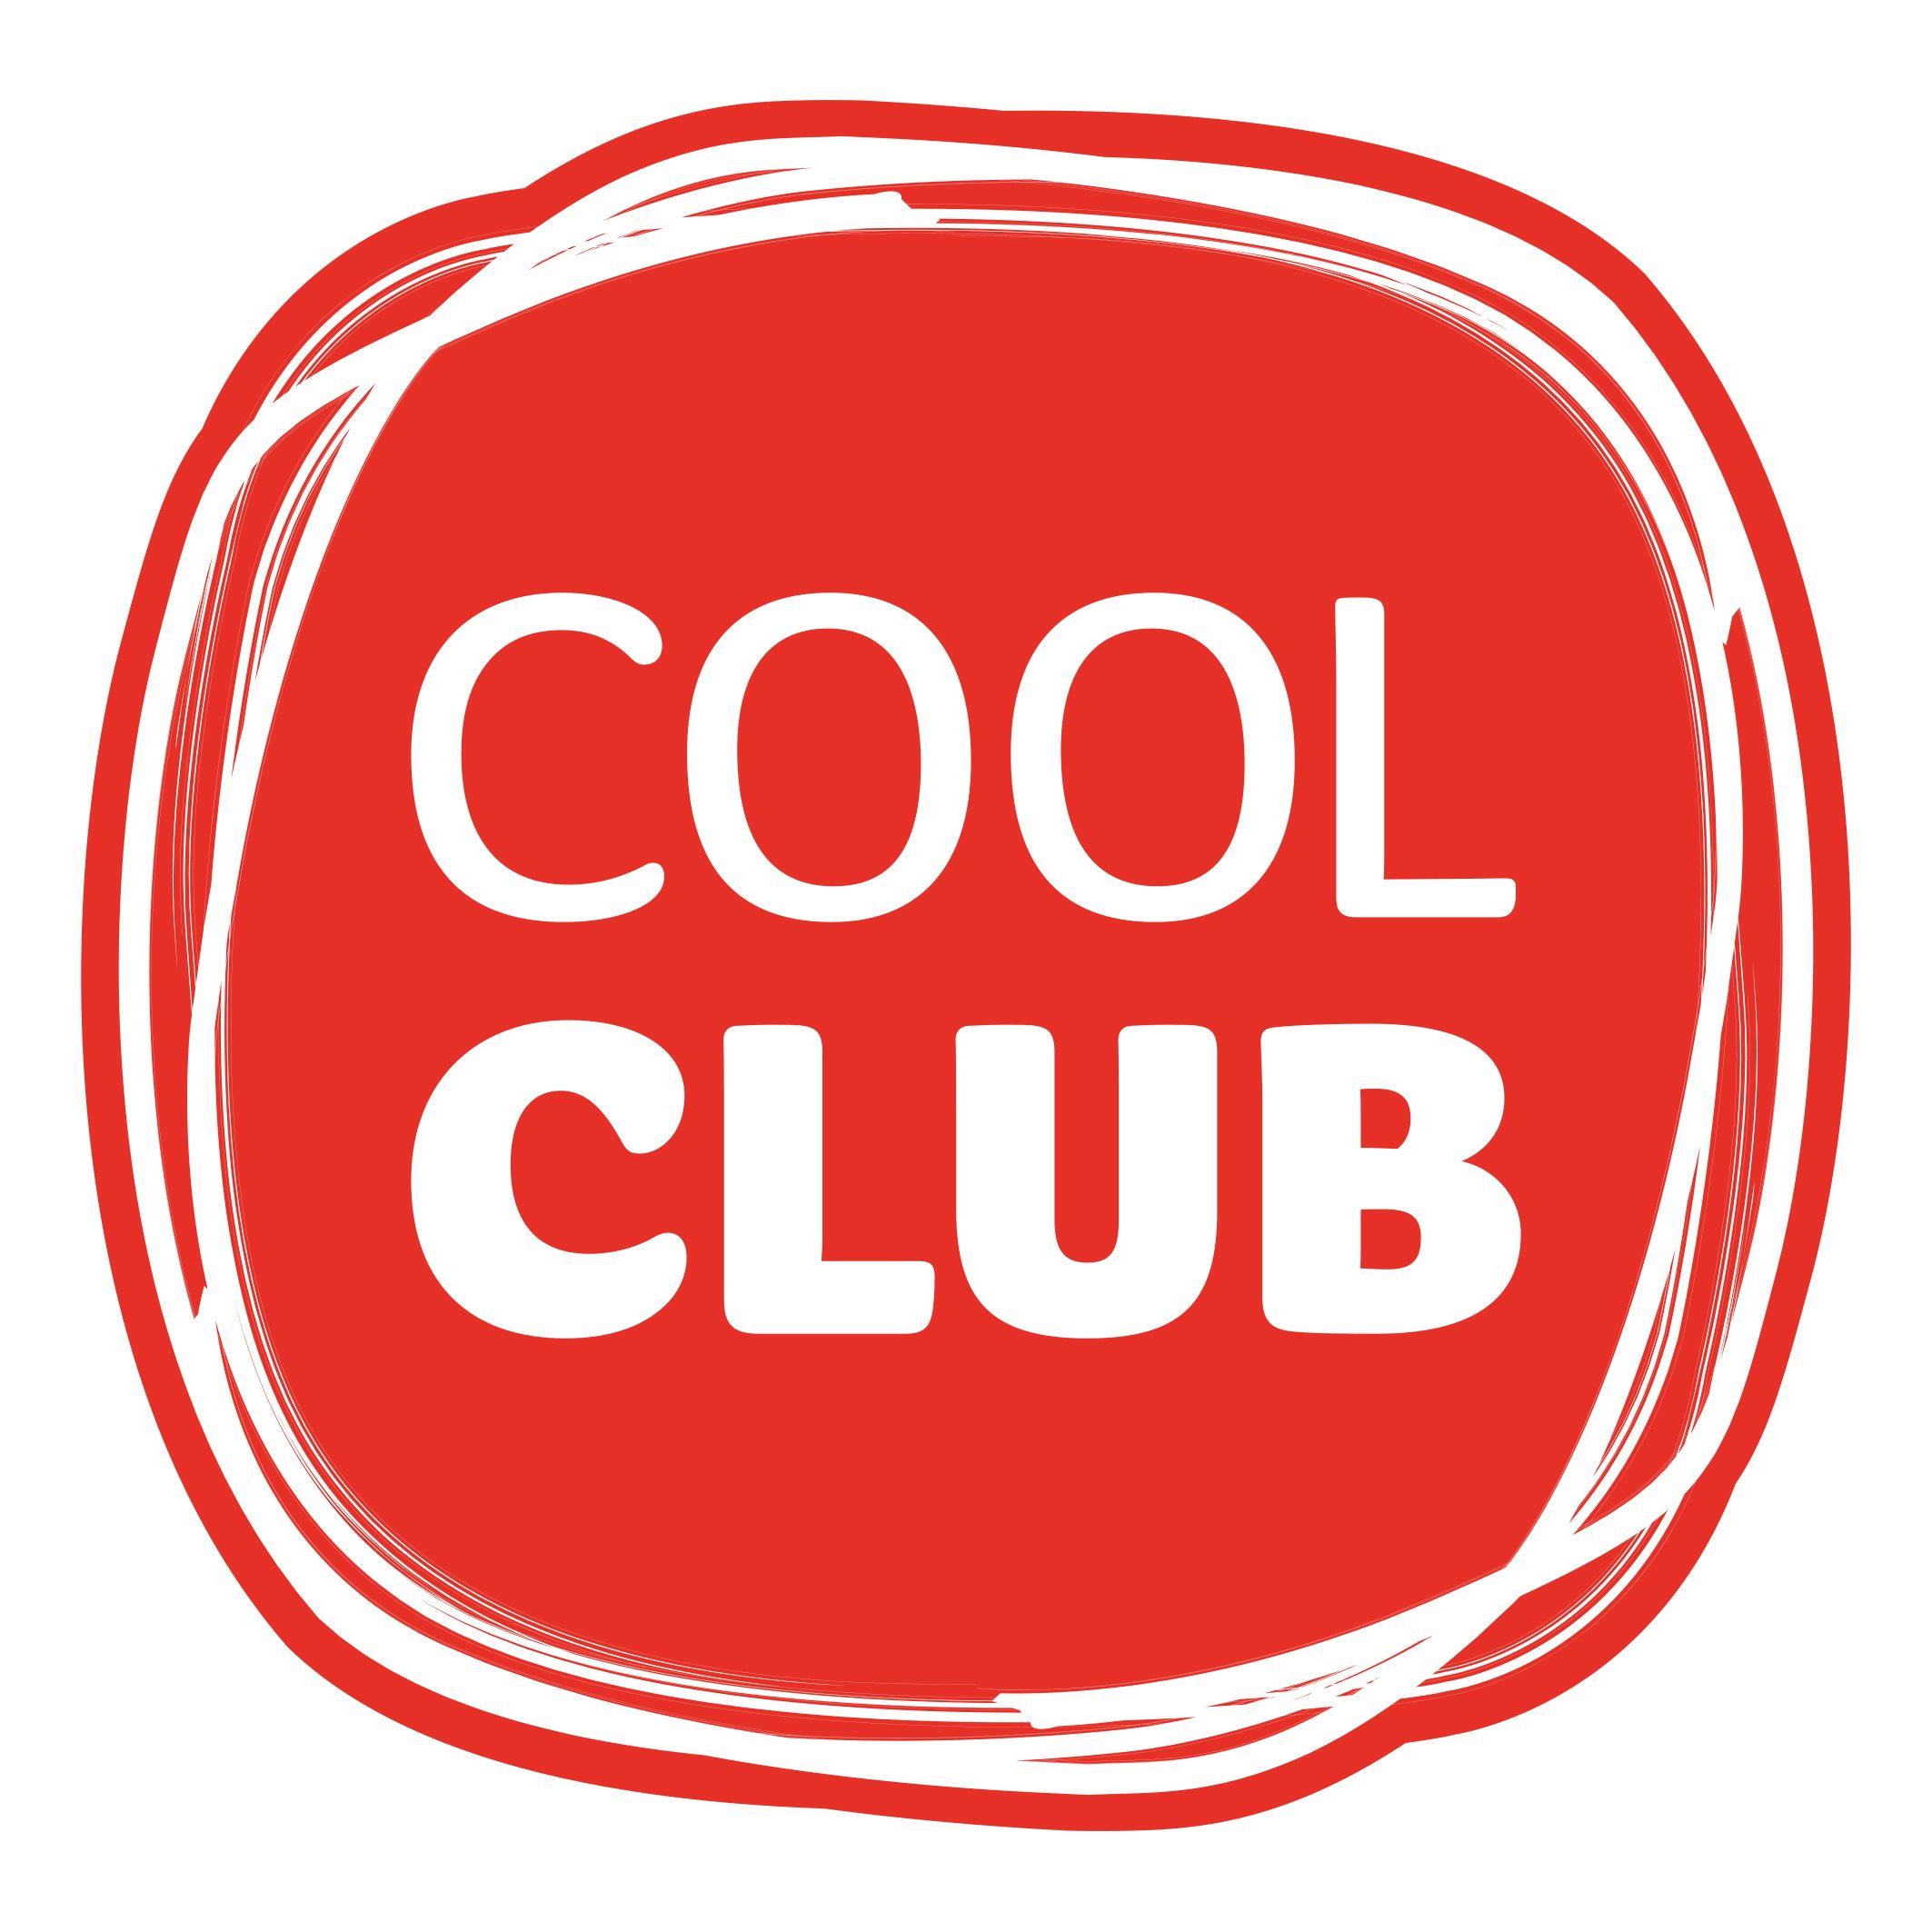 COOLCLUB_logo_druk_wersja_mazy